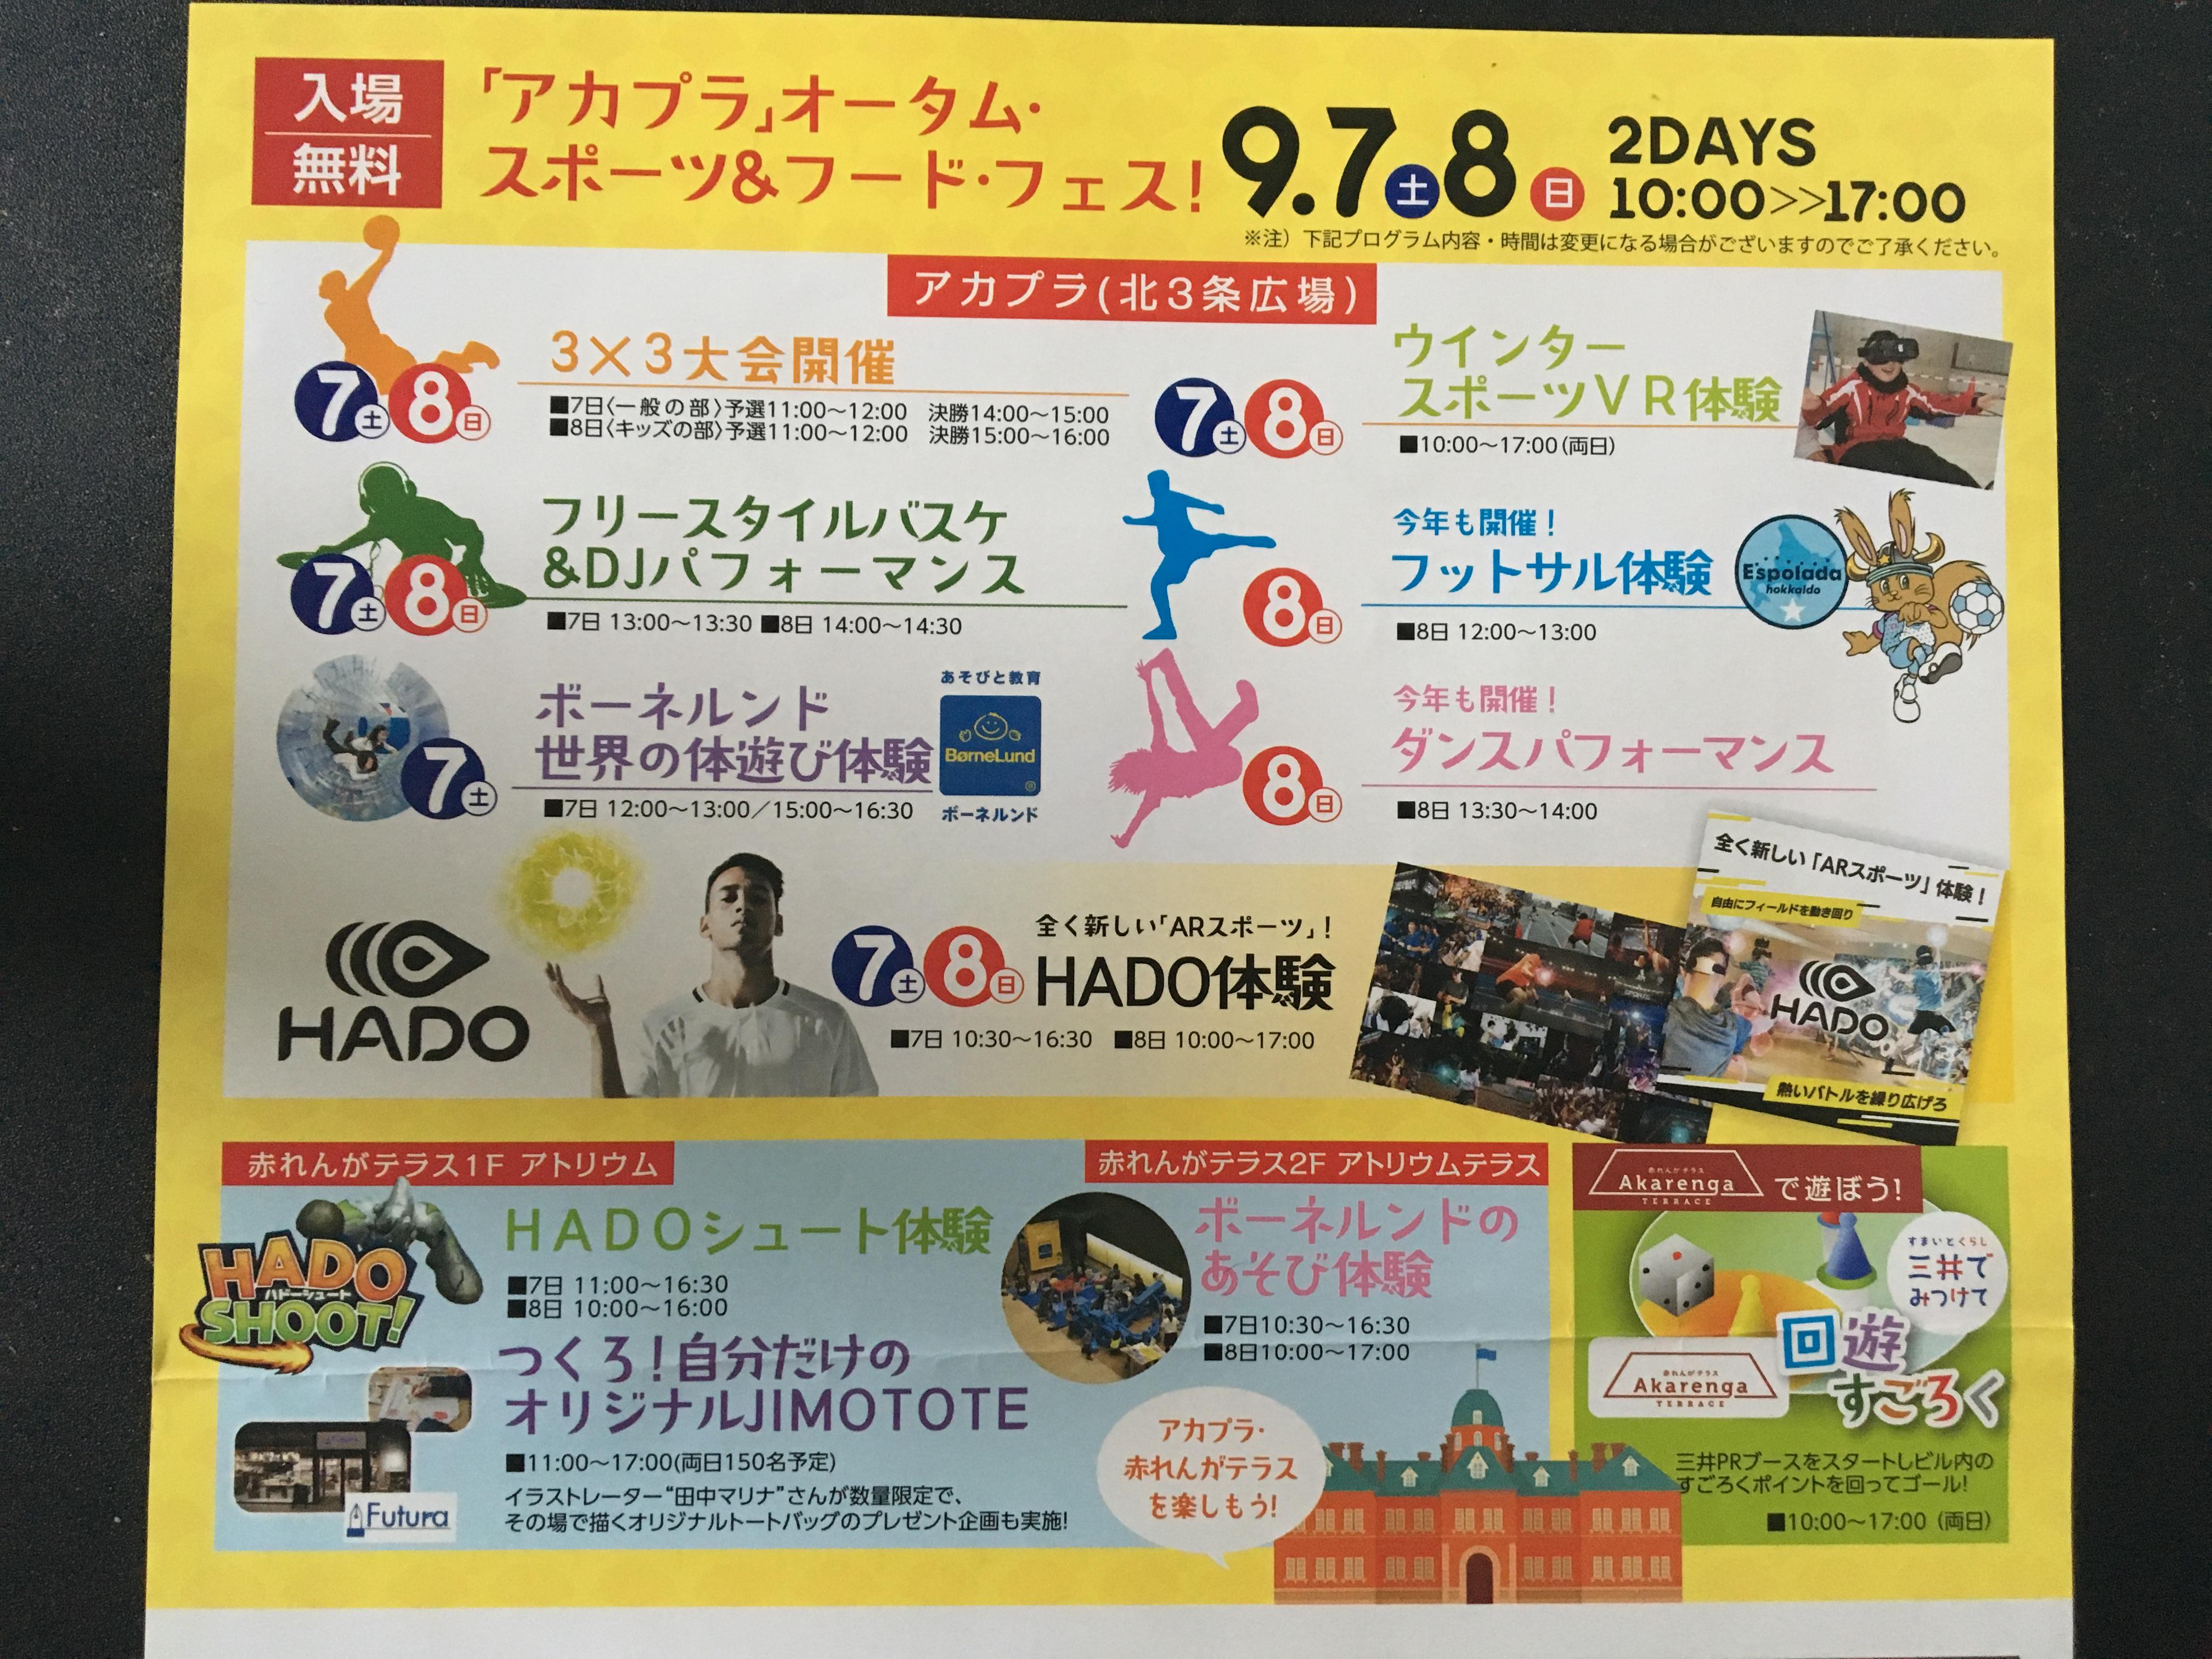 アカプラ オータム・スポーツ&フードフェス!のイベントタイムスケジュール